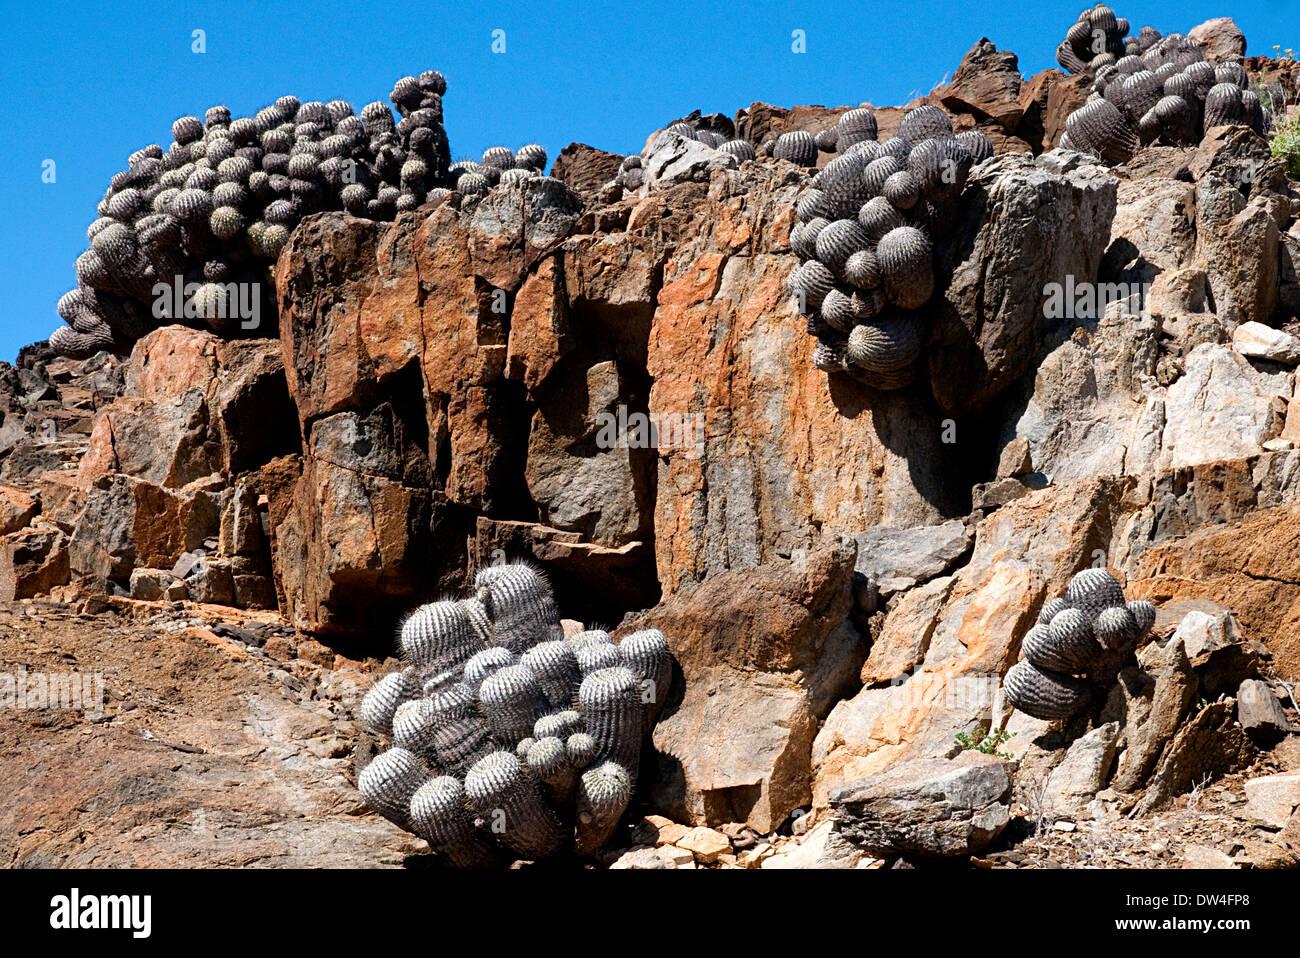 Columna alba cacti (Copiapoa cinerea) in the Atacama, Pan de Azúcar National Park, Antofagasta Region, Chile, South America - Stock Image